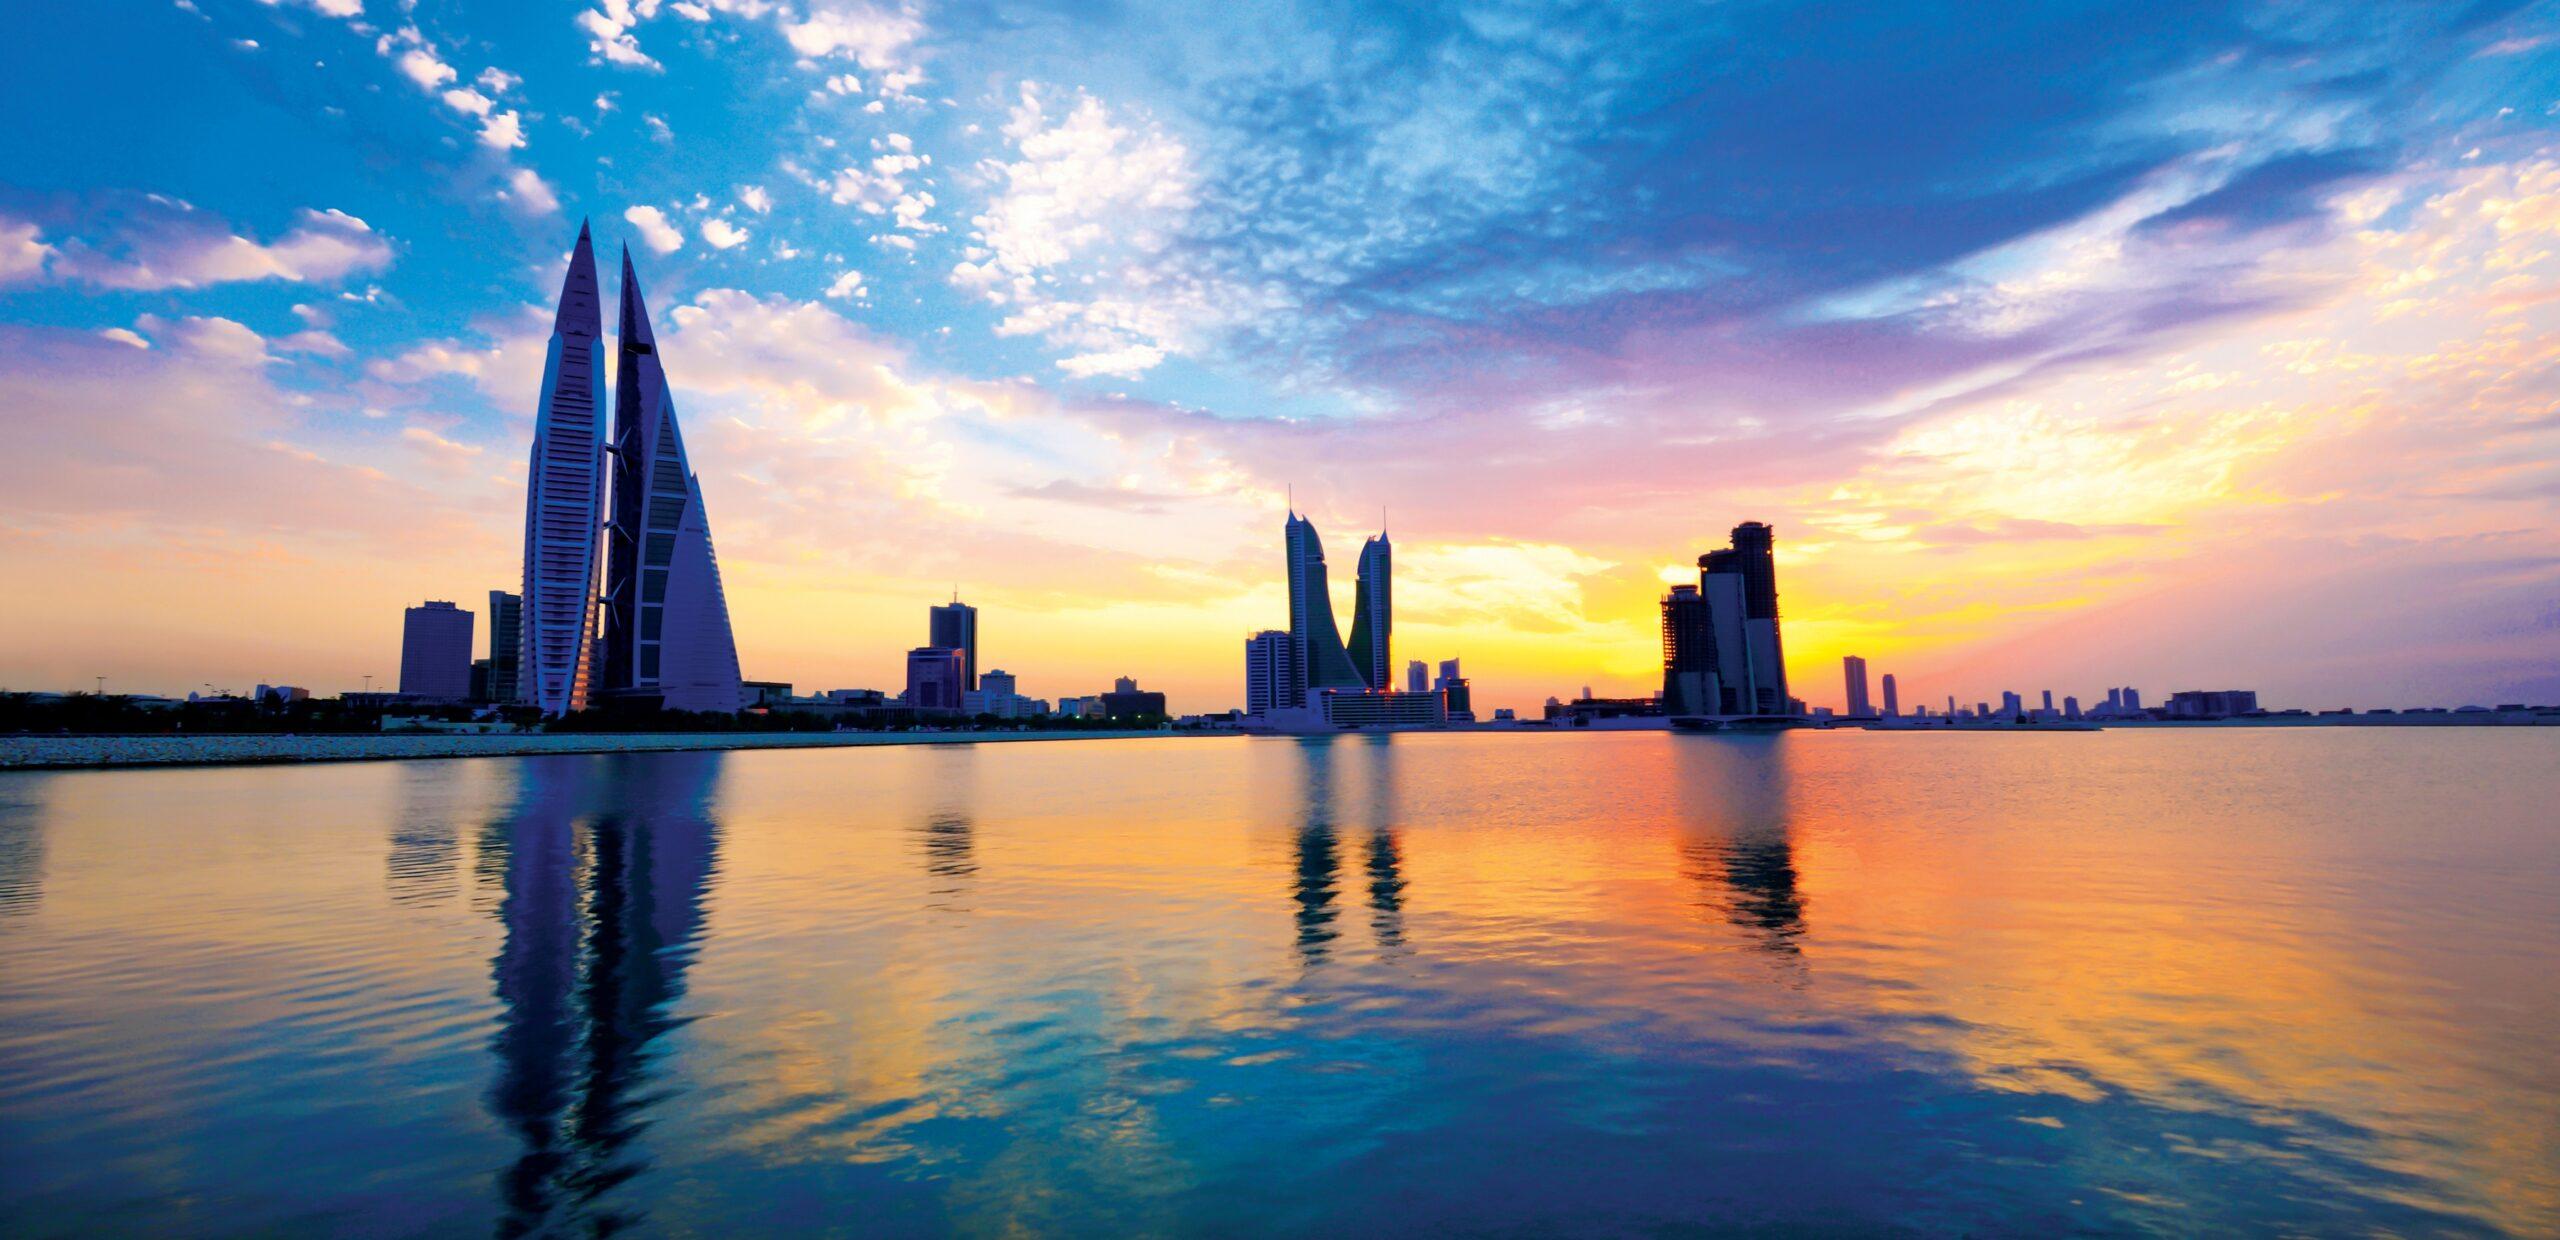 Unione araba diritti umani e Istituto Friedman: apprezziamo gli sforzi nell'ampliamento dei diritti umani in Bahrain